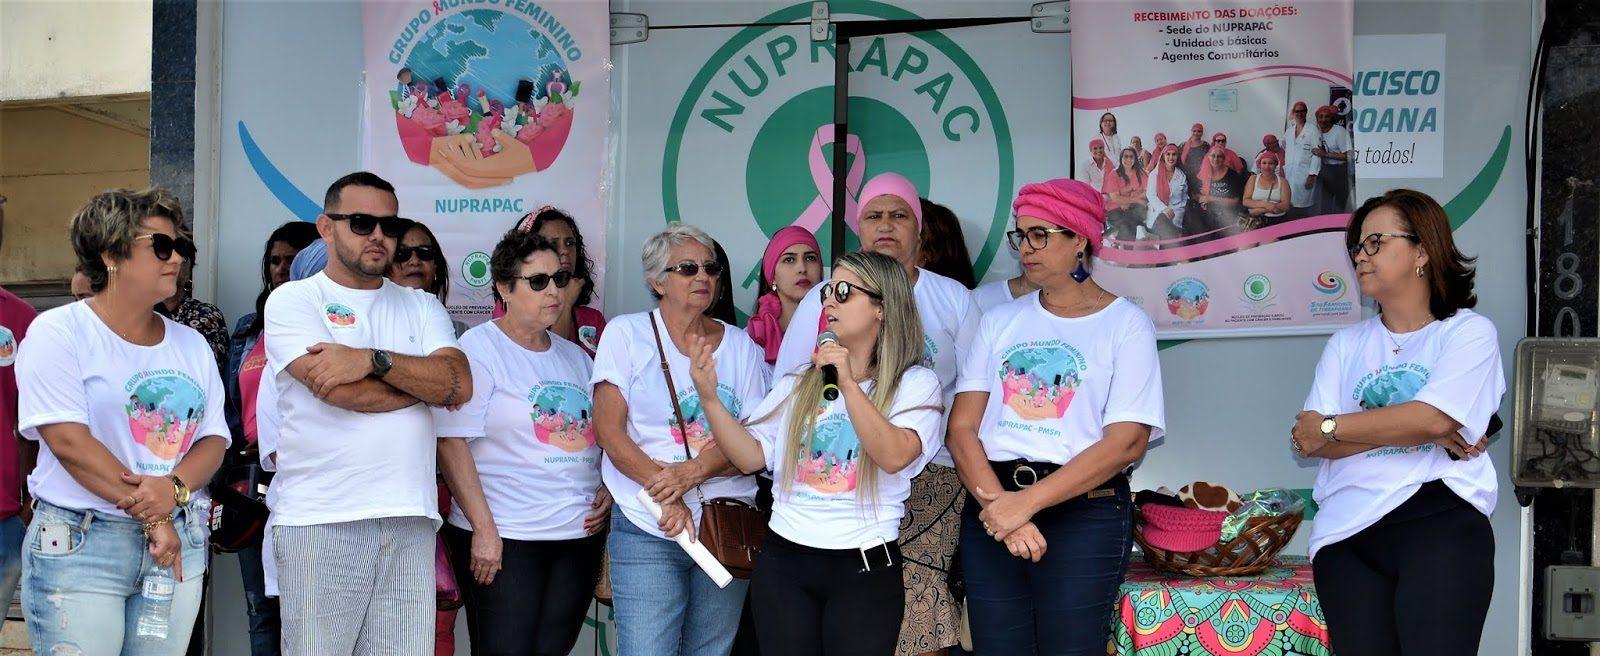 Retrospectiva: Vídeo – A caminhada da Prevenção ao Câncer de Mama, aconteceu neste sábado (20) em SFI.